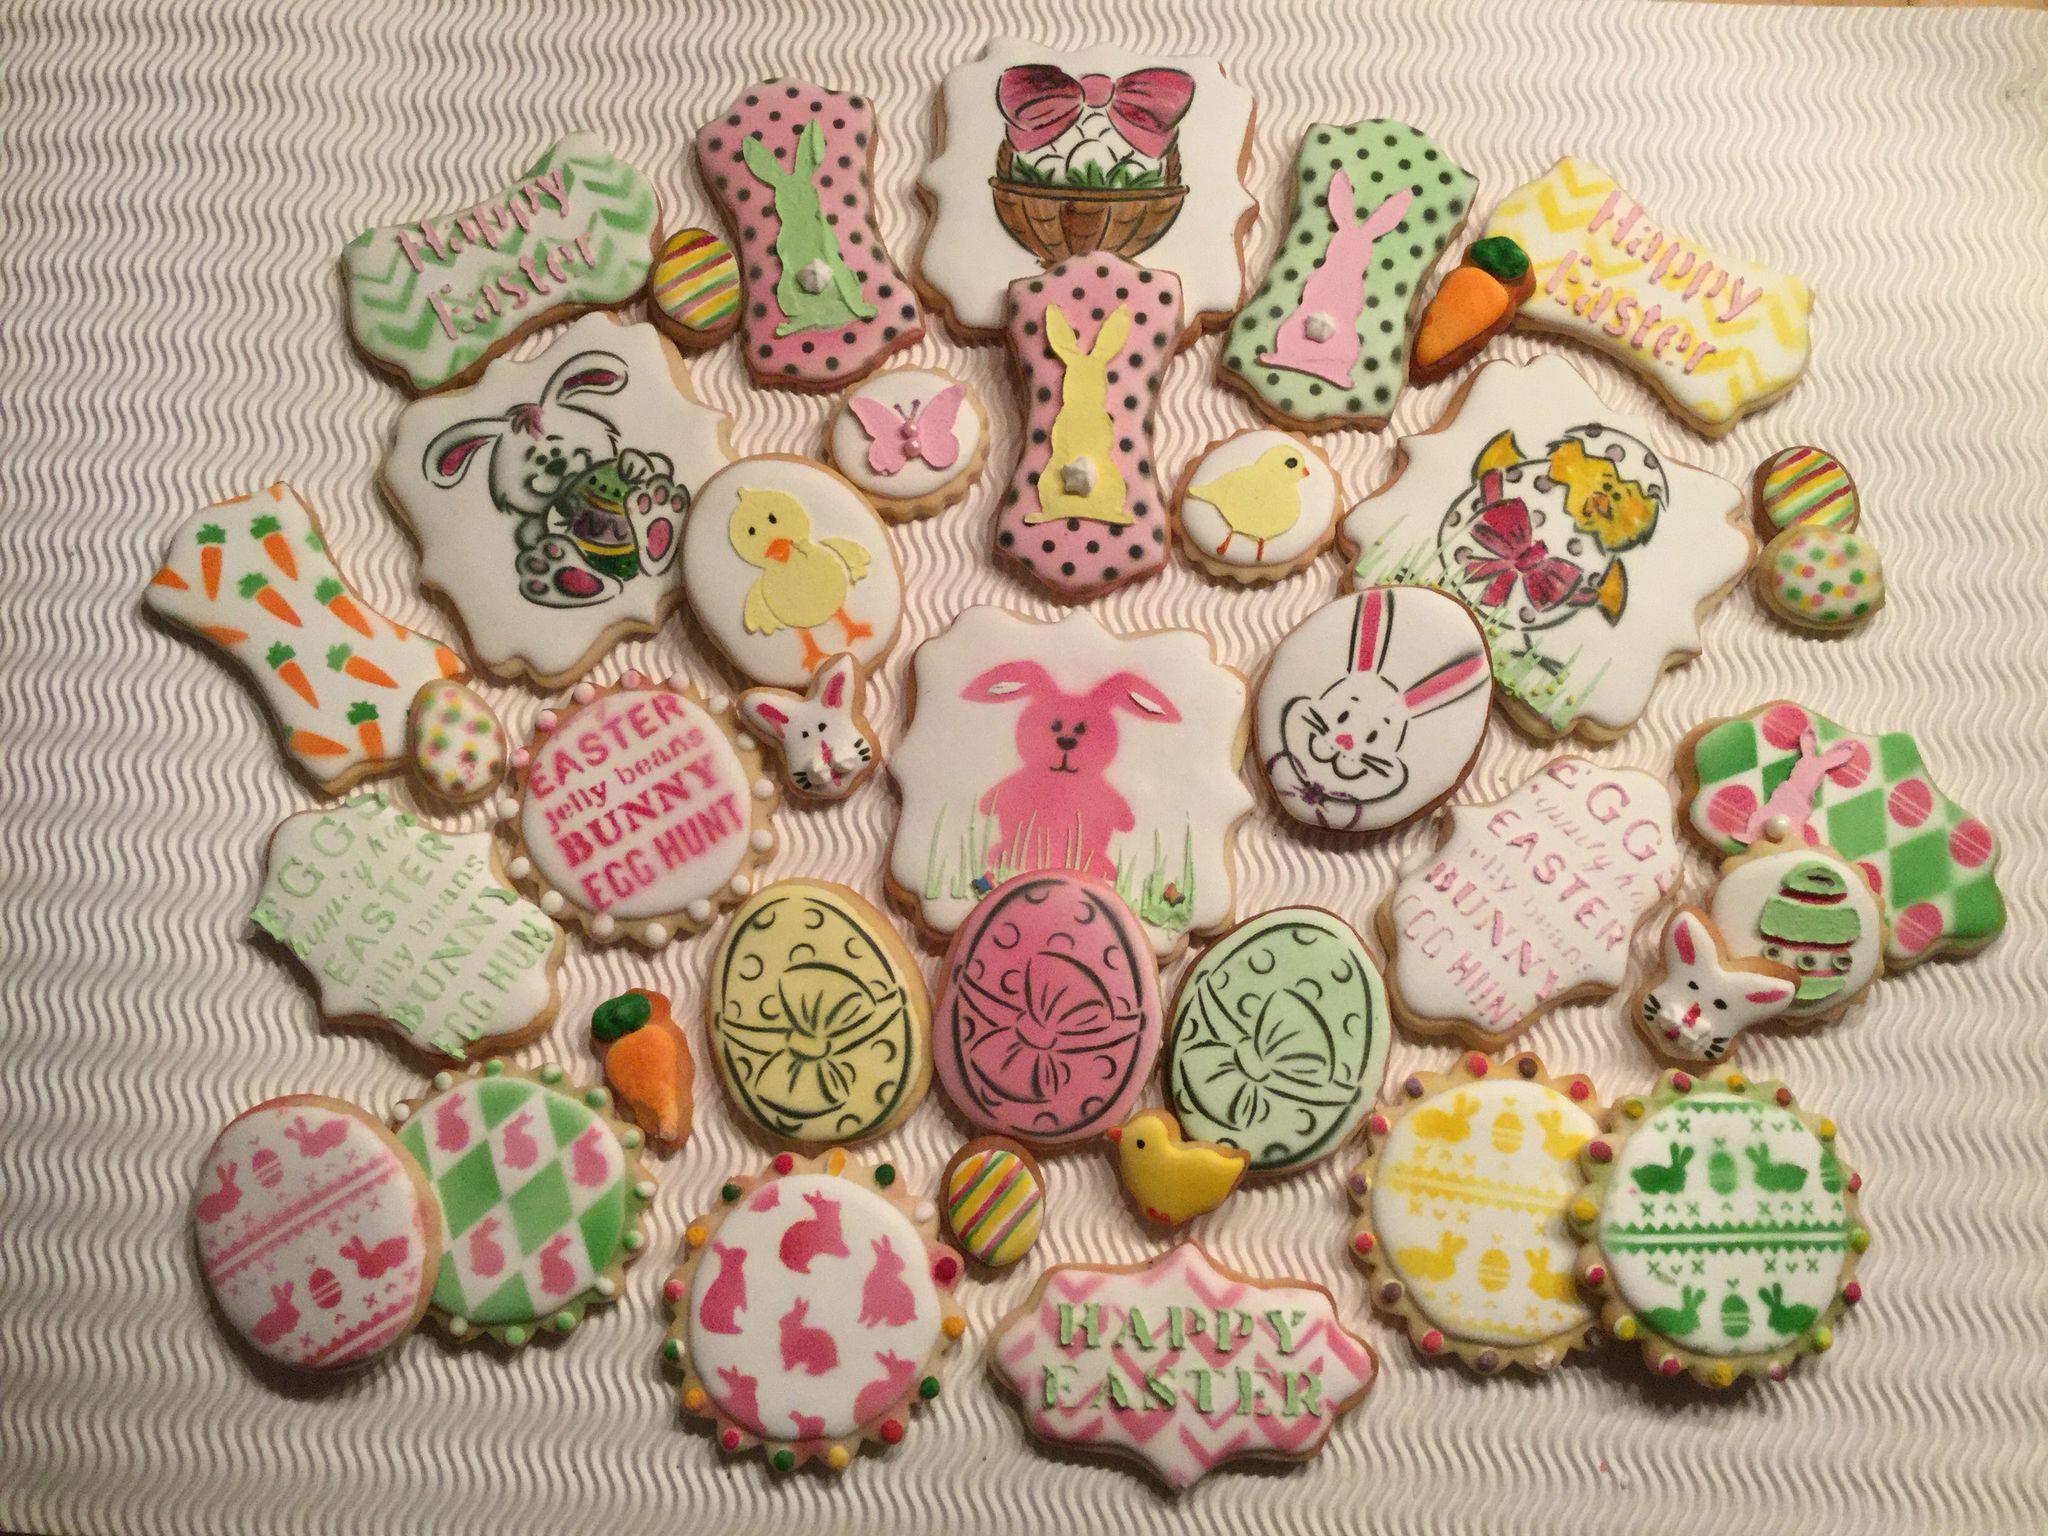 Easter cookies 2015